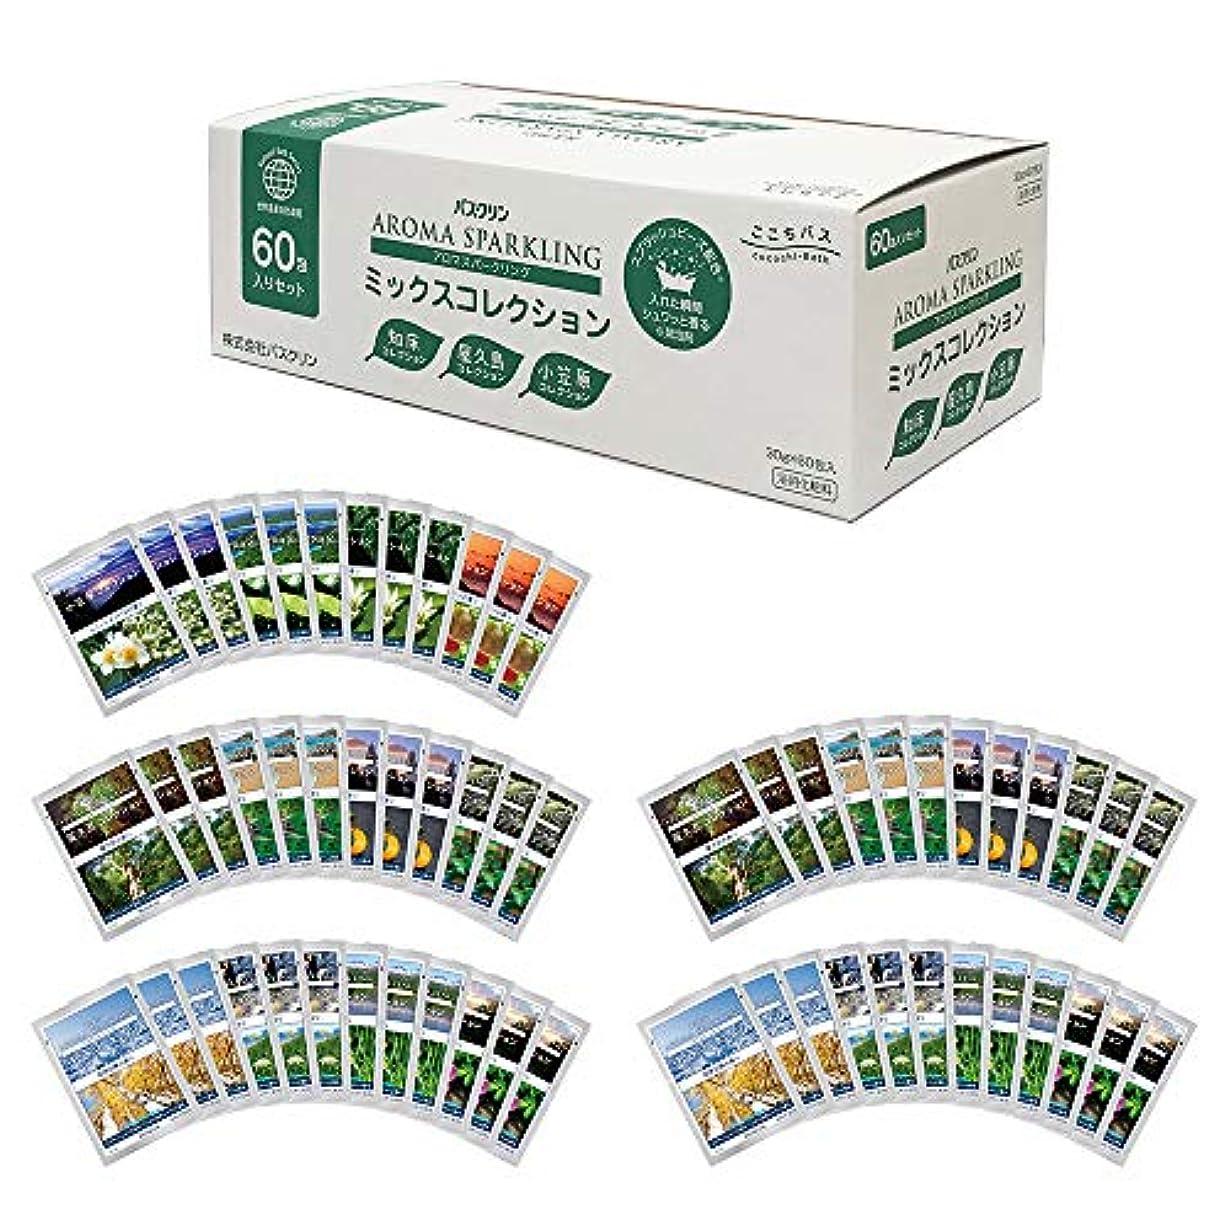 ミット鎮静剤マッサージ【Amazon限定ブランド】ここちバス バスクリン 入浴剤  アロマスパークリング ミックスコレクション 60包入り 個包装 詰め合わせ